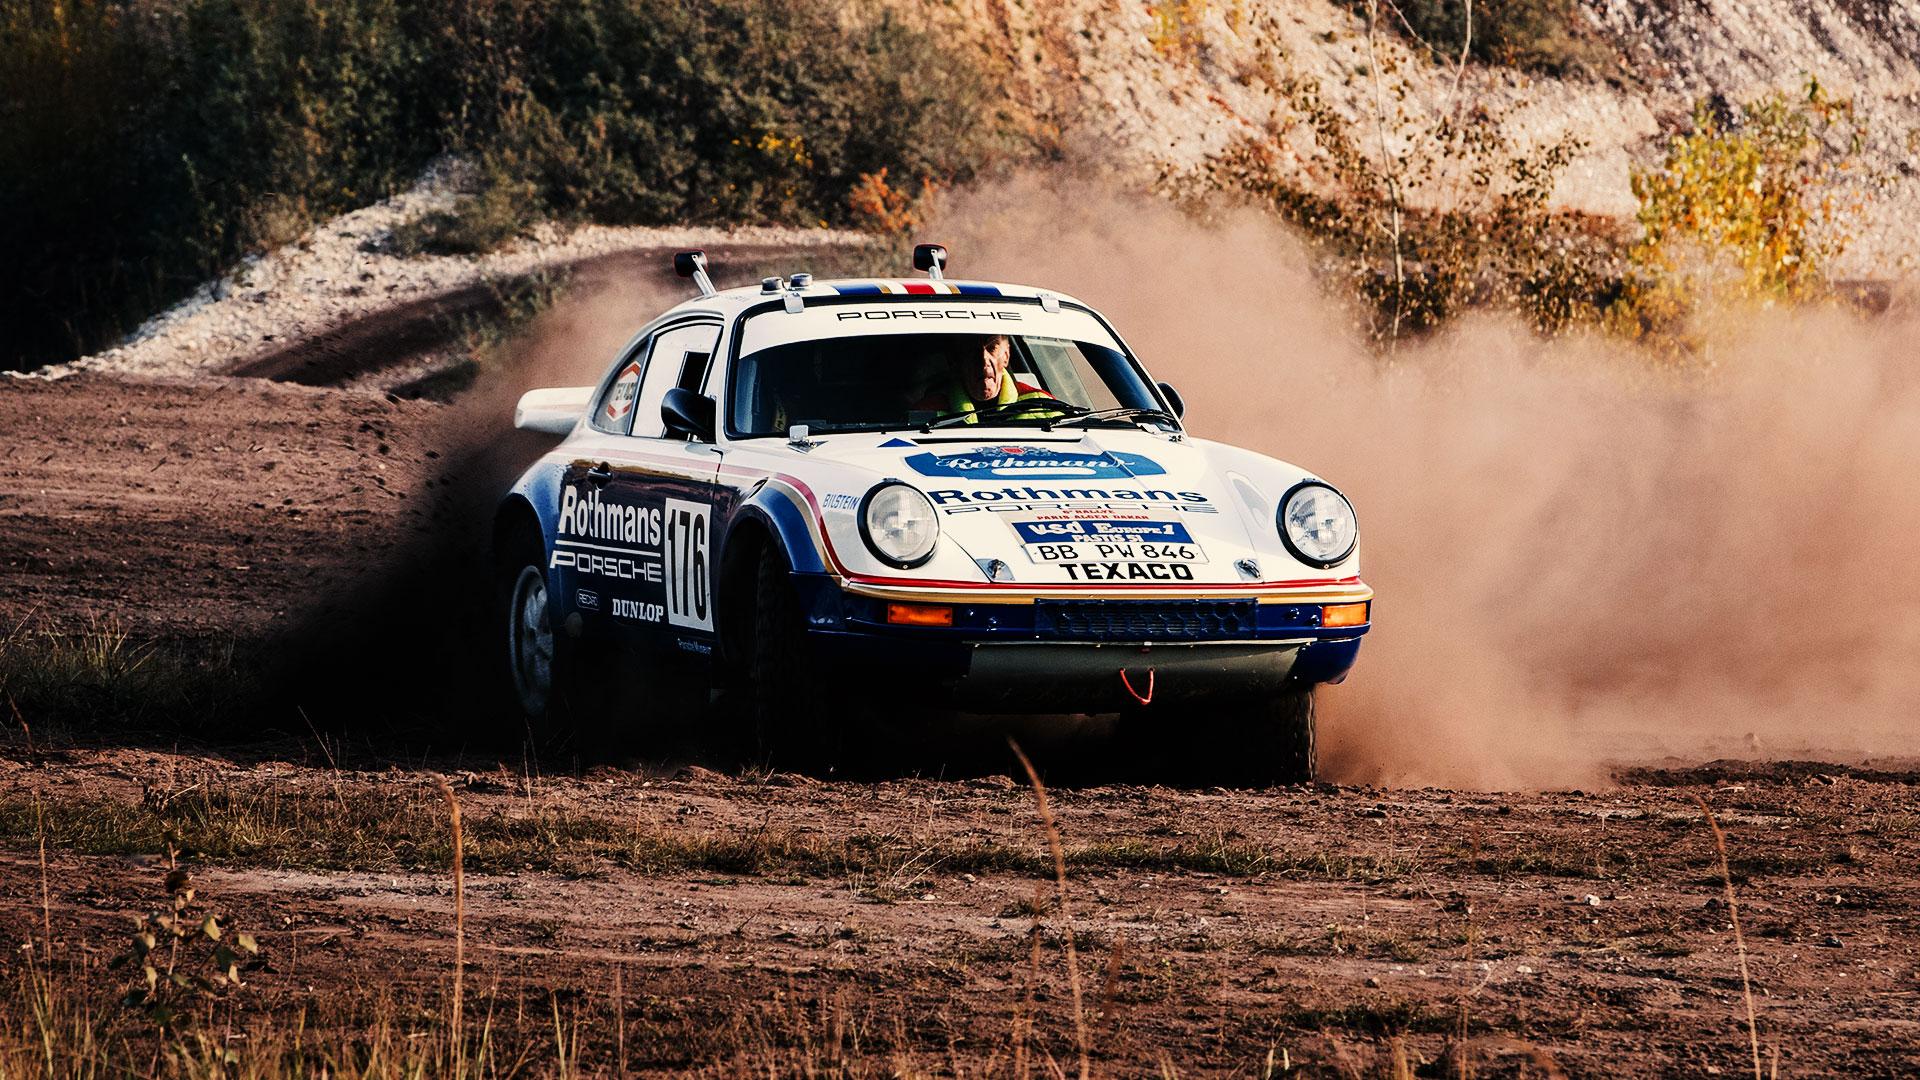 Porsche 911 Paris-Dakar